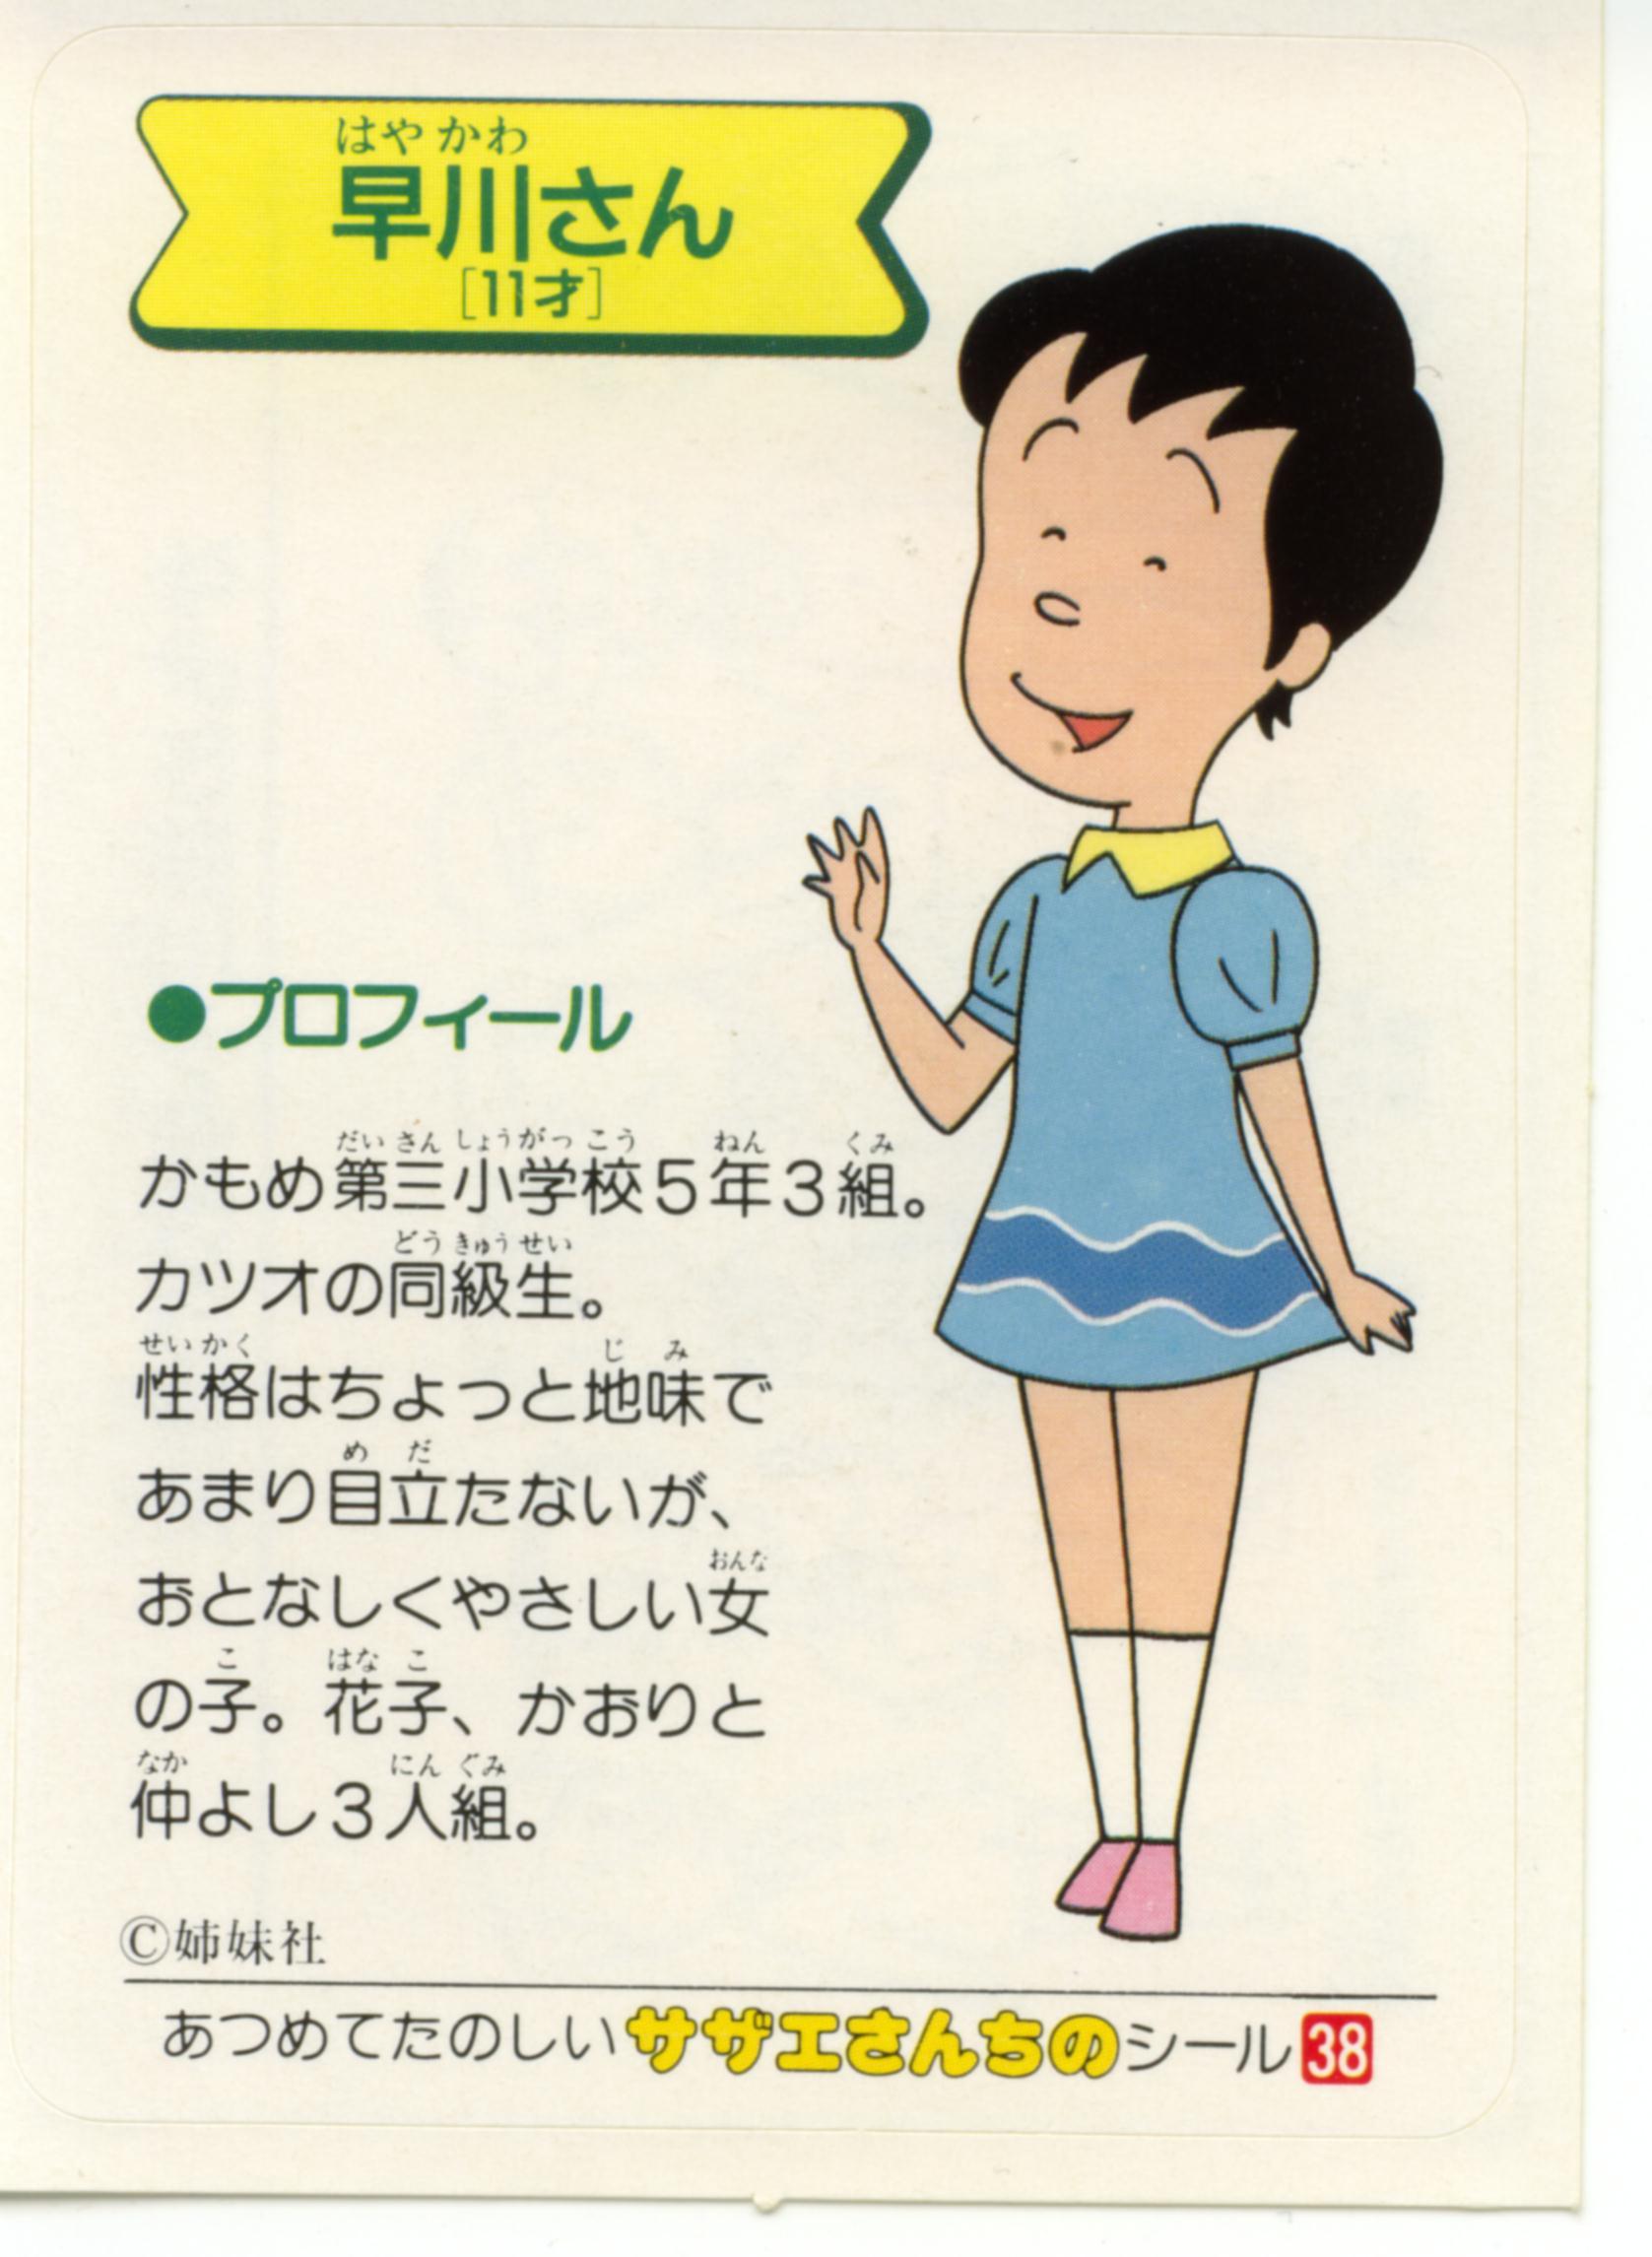 サザエさん・早川さん